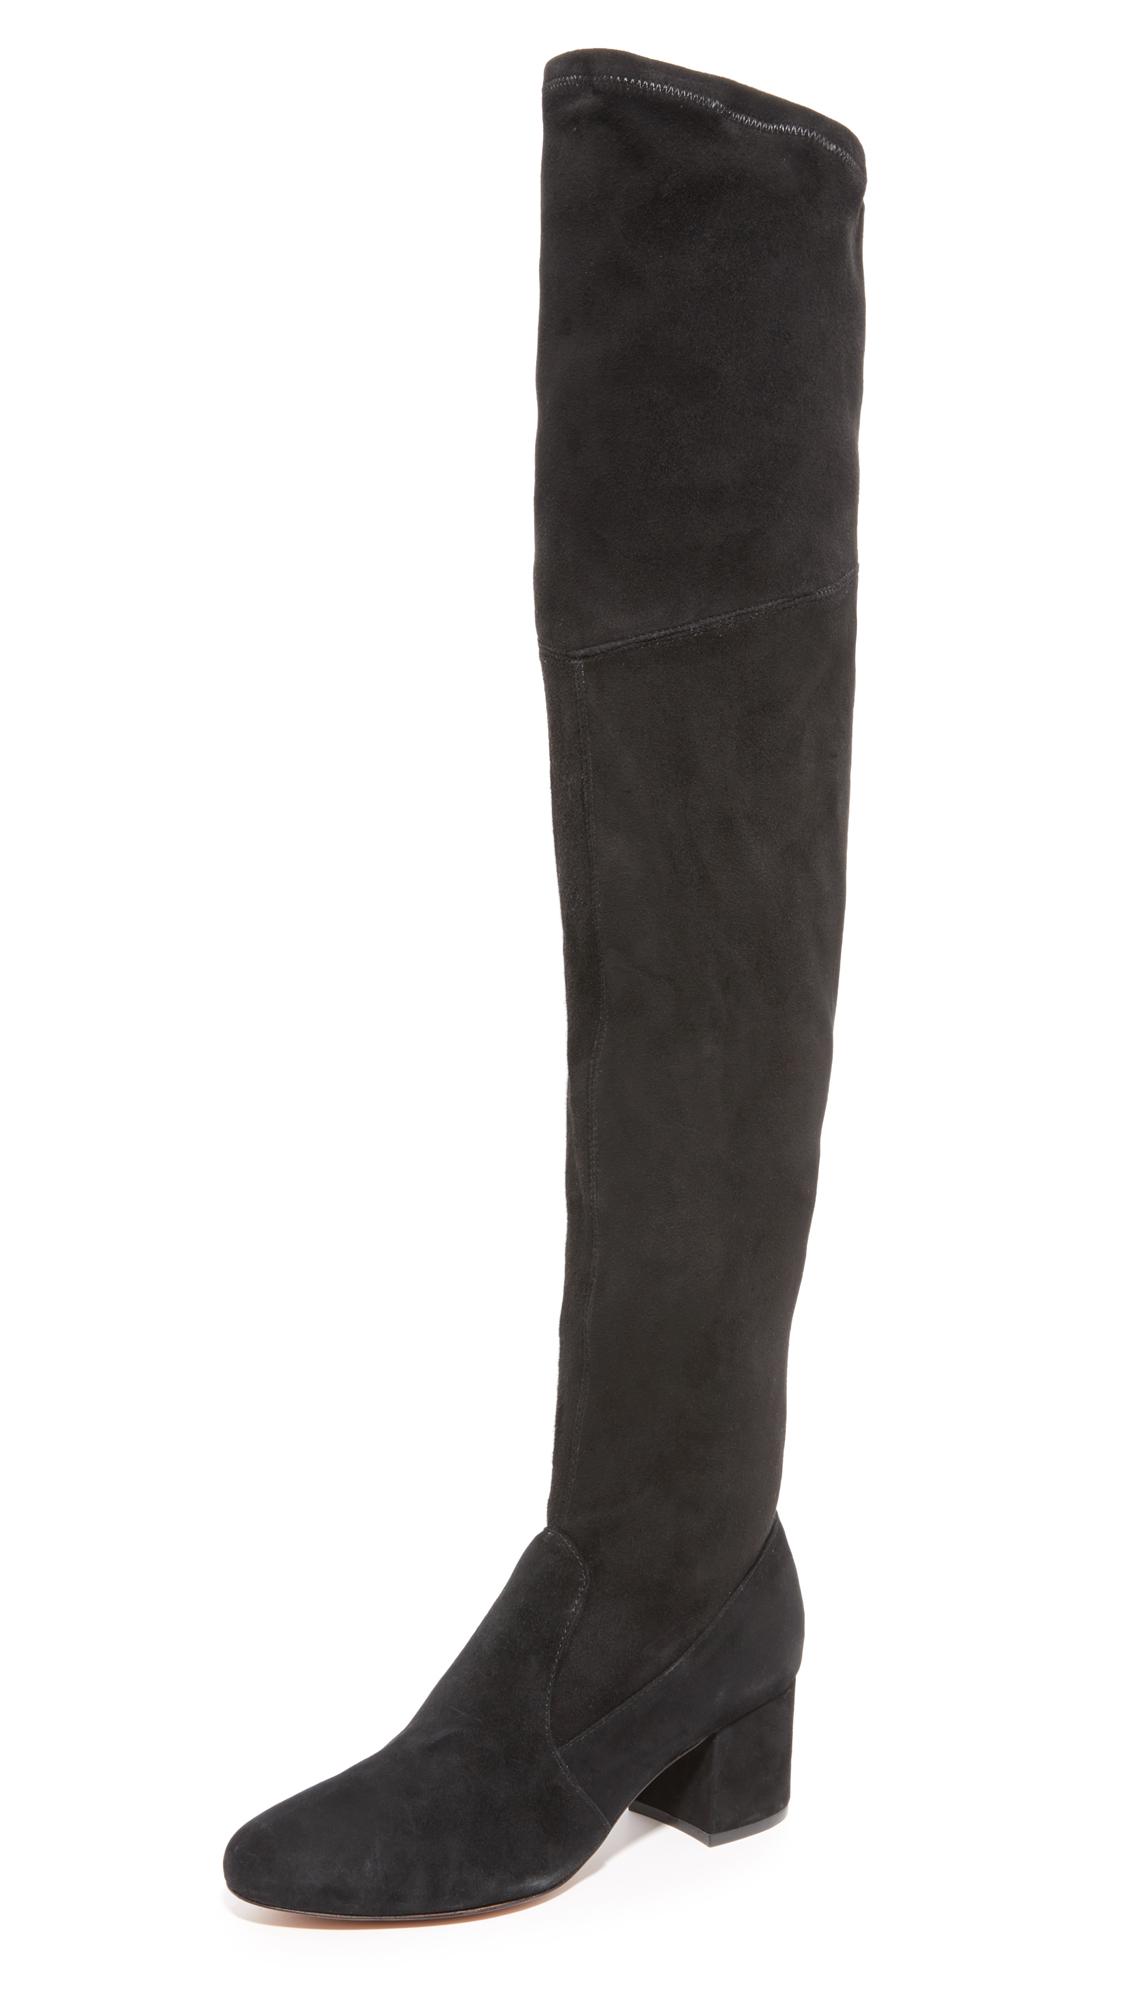 Schutz Tamarah Over The Knee Boots - Black